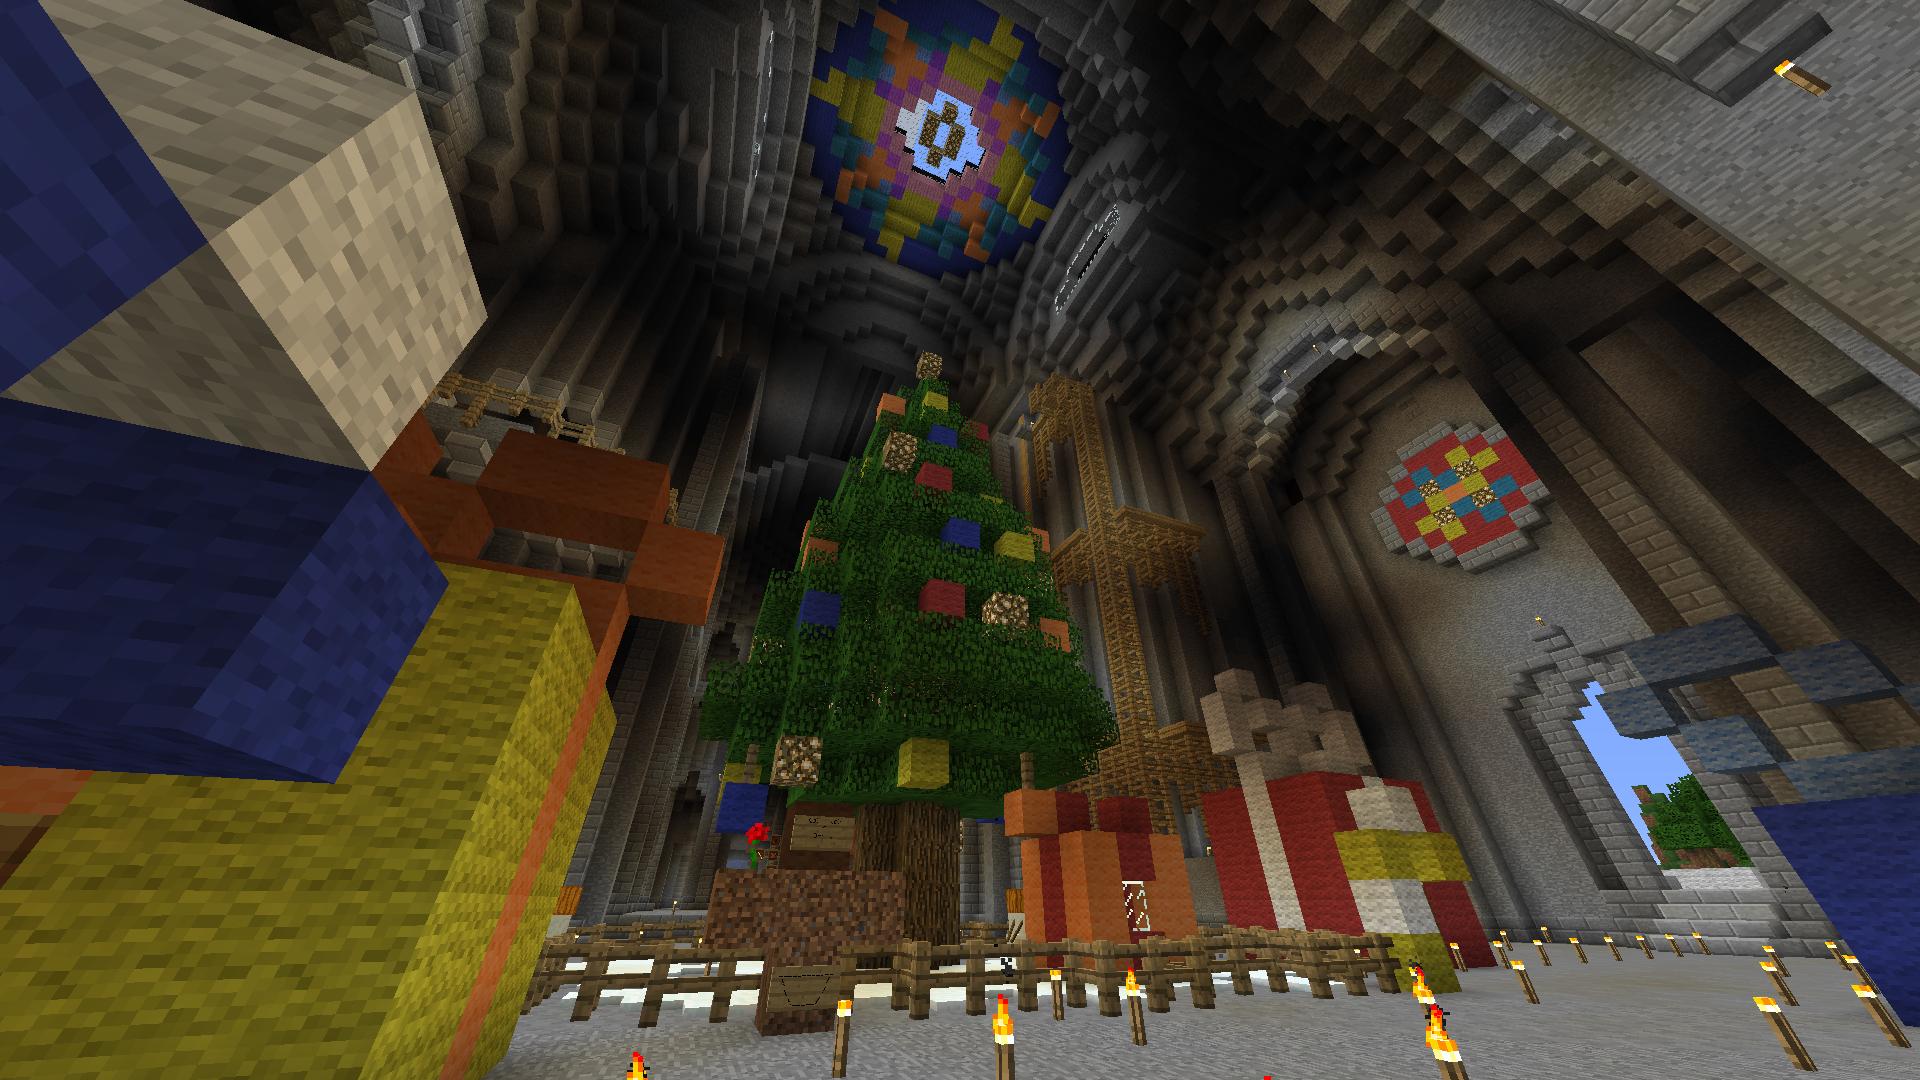 Noël à la cathédrale de Vaalon